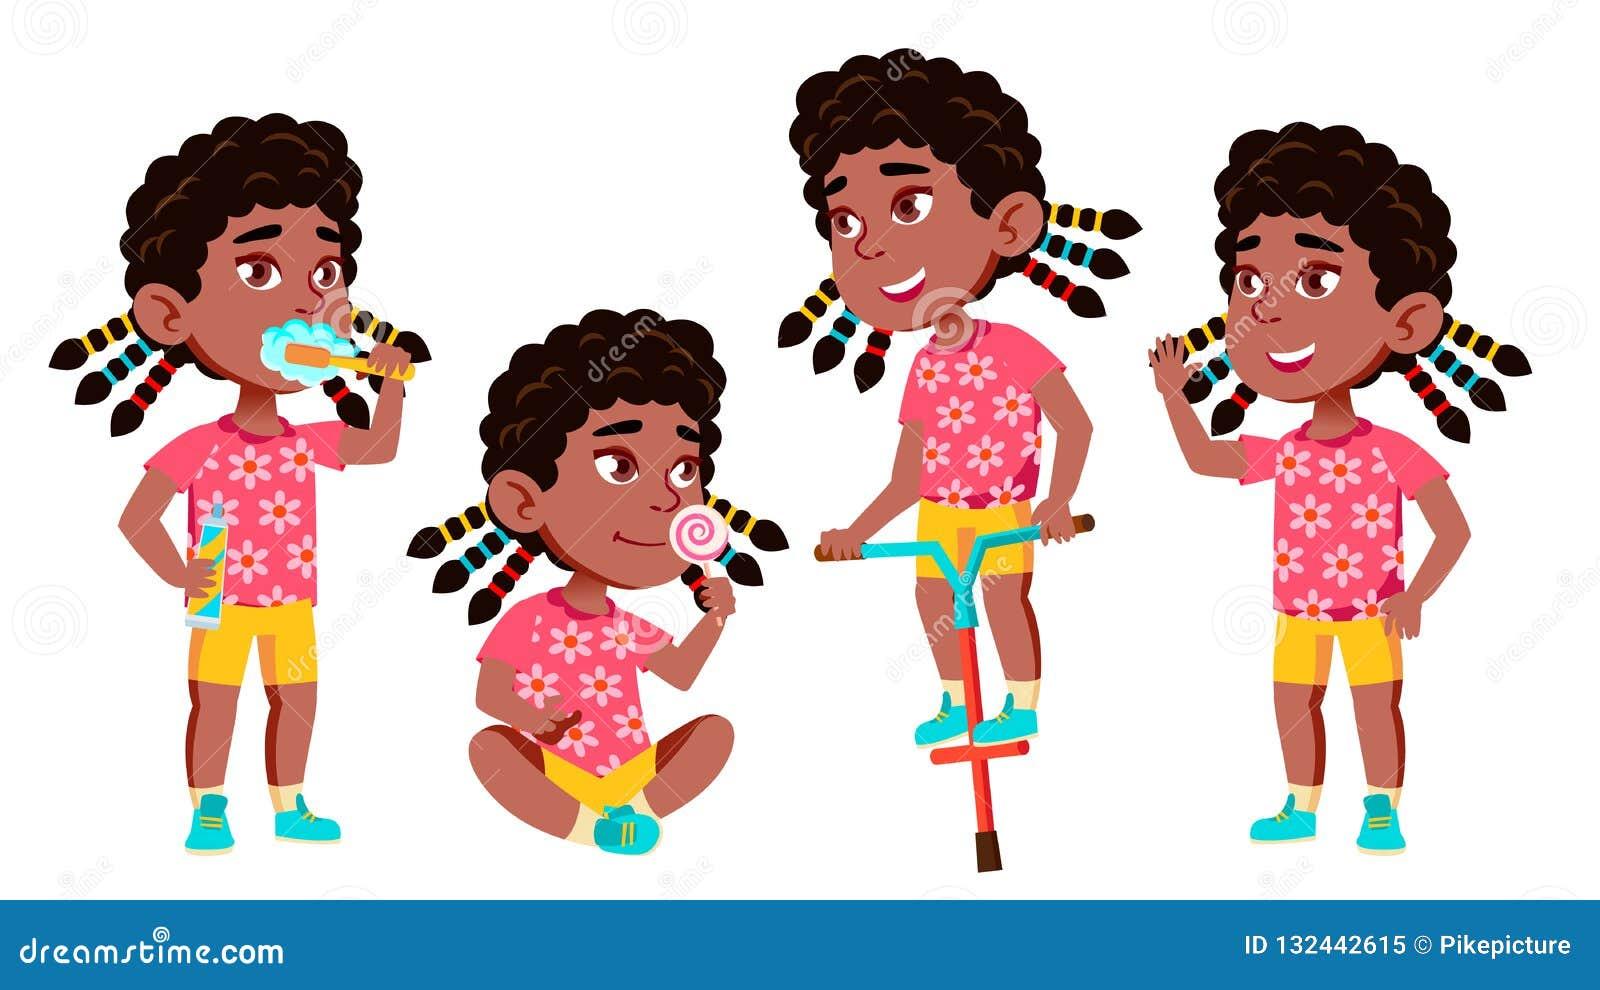 女孩幼儿园孩子姿势被设置的传染媒介 投反对票 美国黑人 愉快的漂亮的孩子字符 对做广告